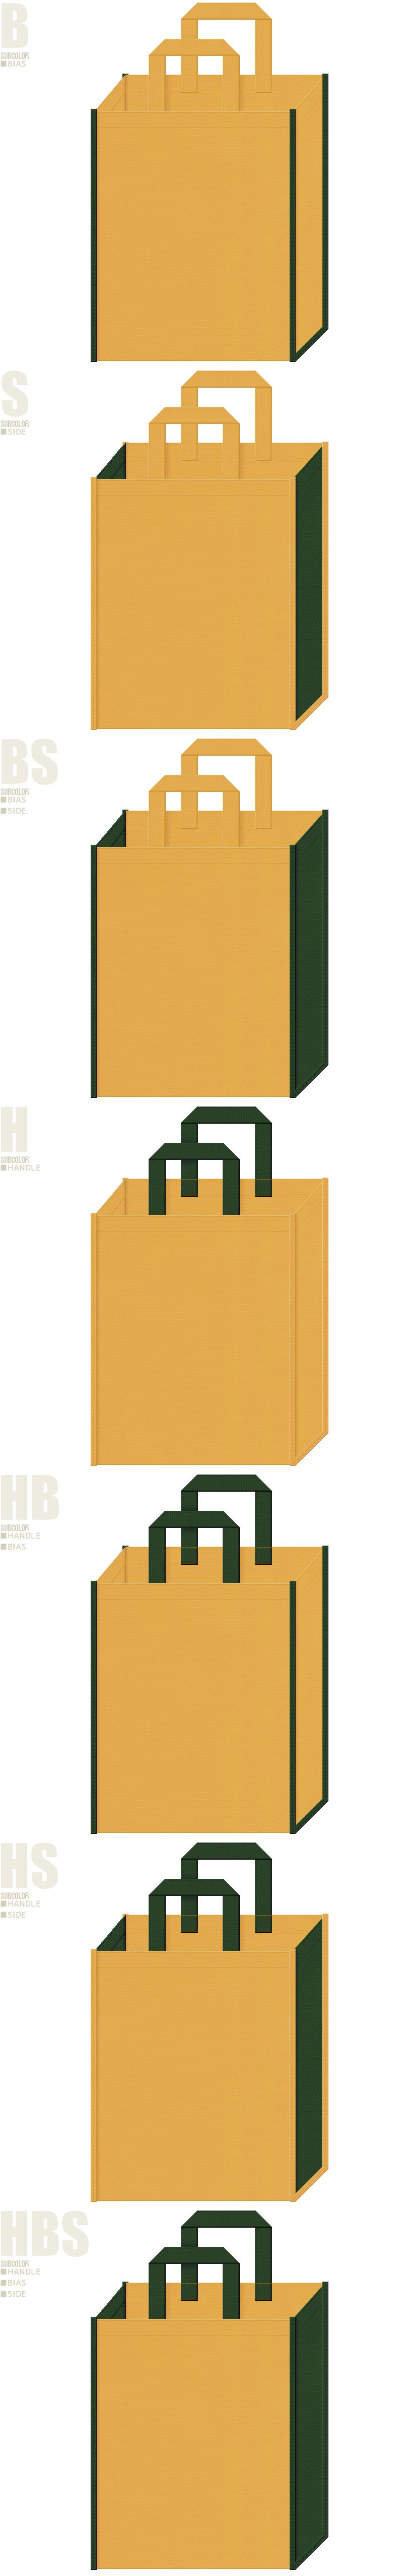 パイナップル・テーマパーク・探検・ジャングル・恐竜・キャンプ・アウトドア用品の展示会用バッグにお奨めの不織布バッグデザイン:黄土色と濃緑色の配色7パターン。